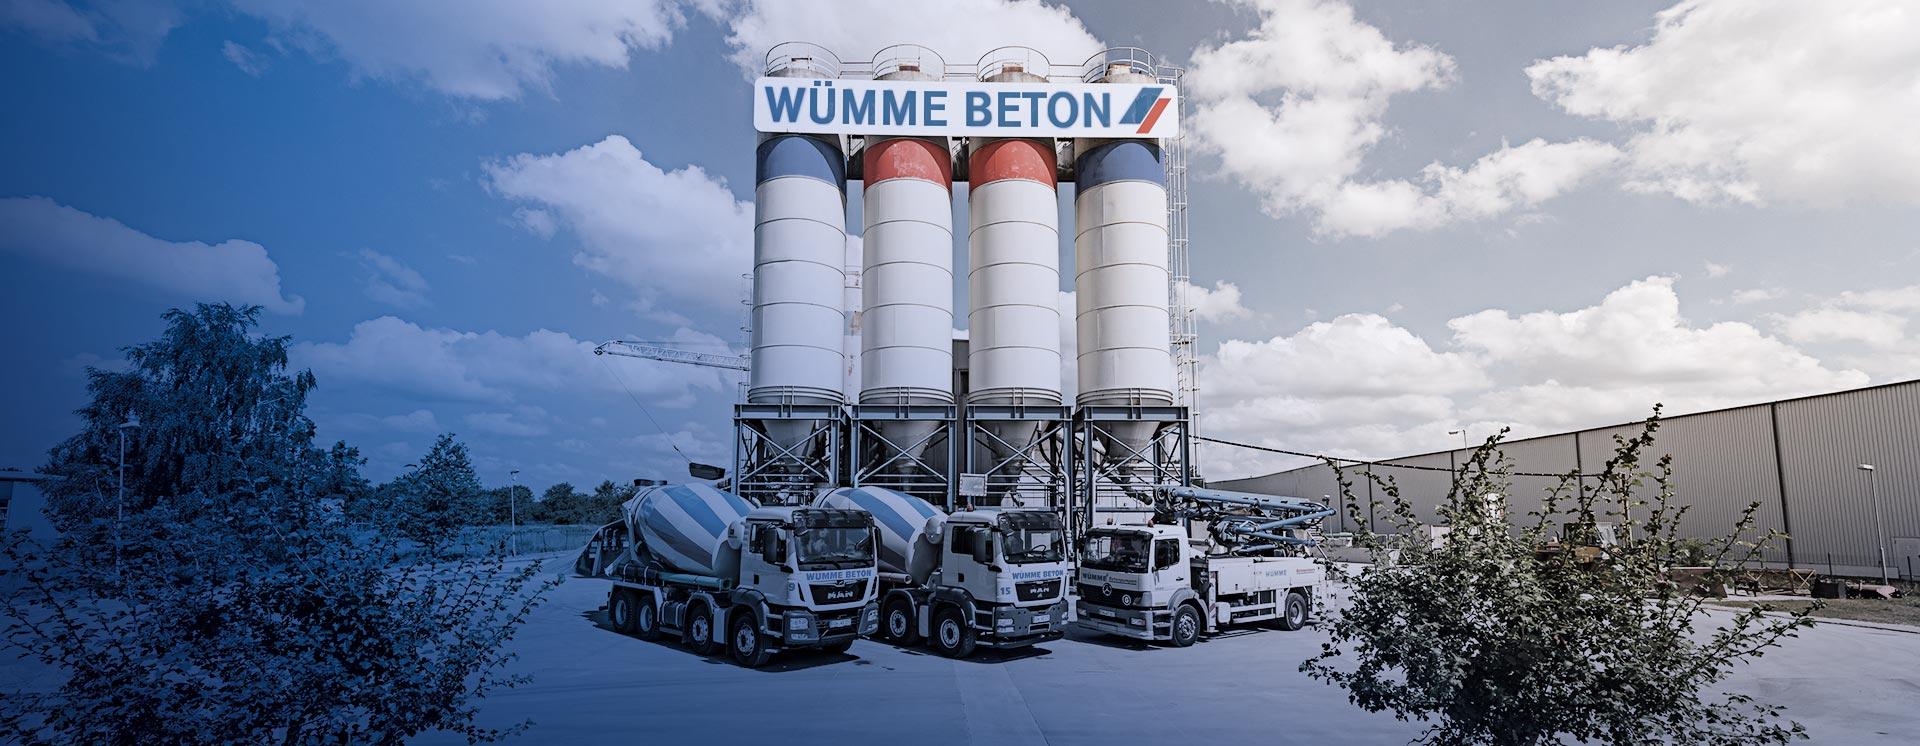 Geliebte Wümme Beton | Hersteller für Transportbeton und Betonpumpen @BA_81